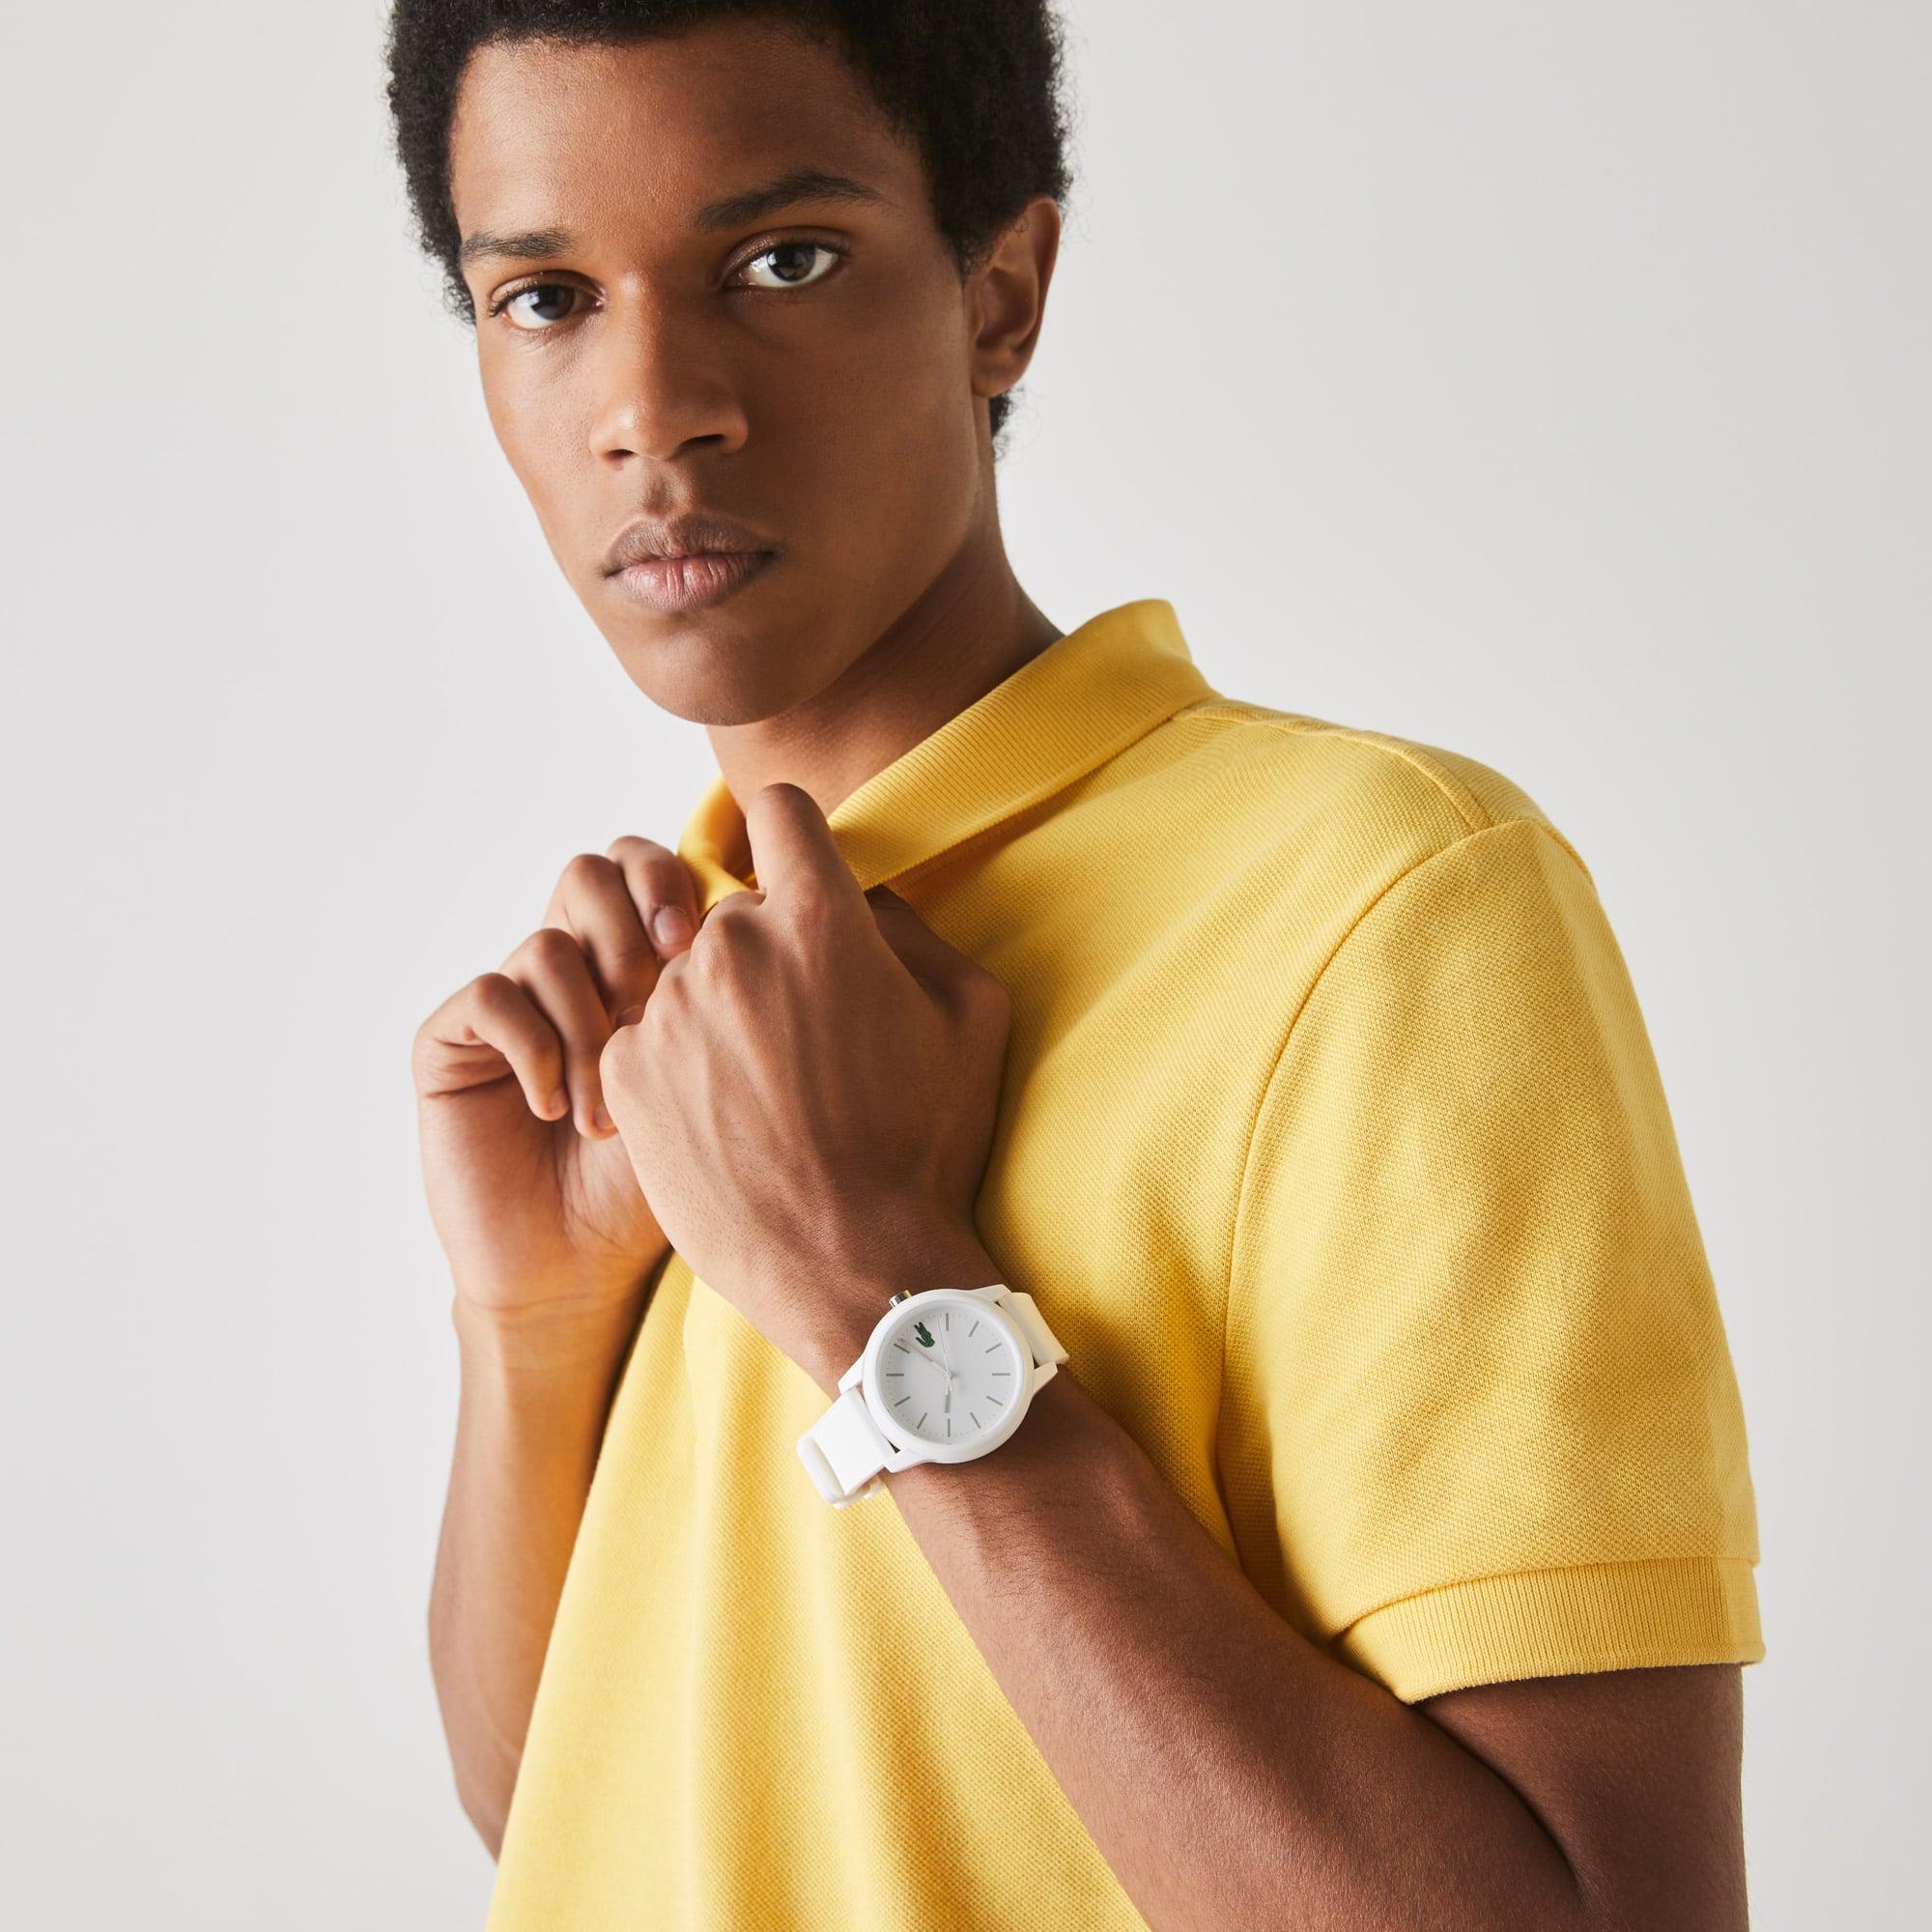 Montre Lacoste12.12 Homme avec Bracelet Blanc en Silicone